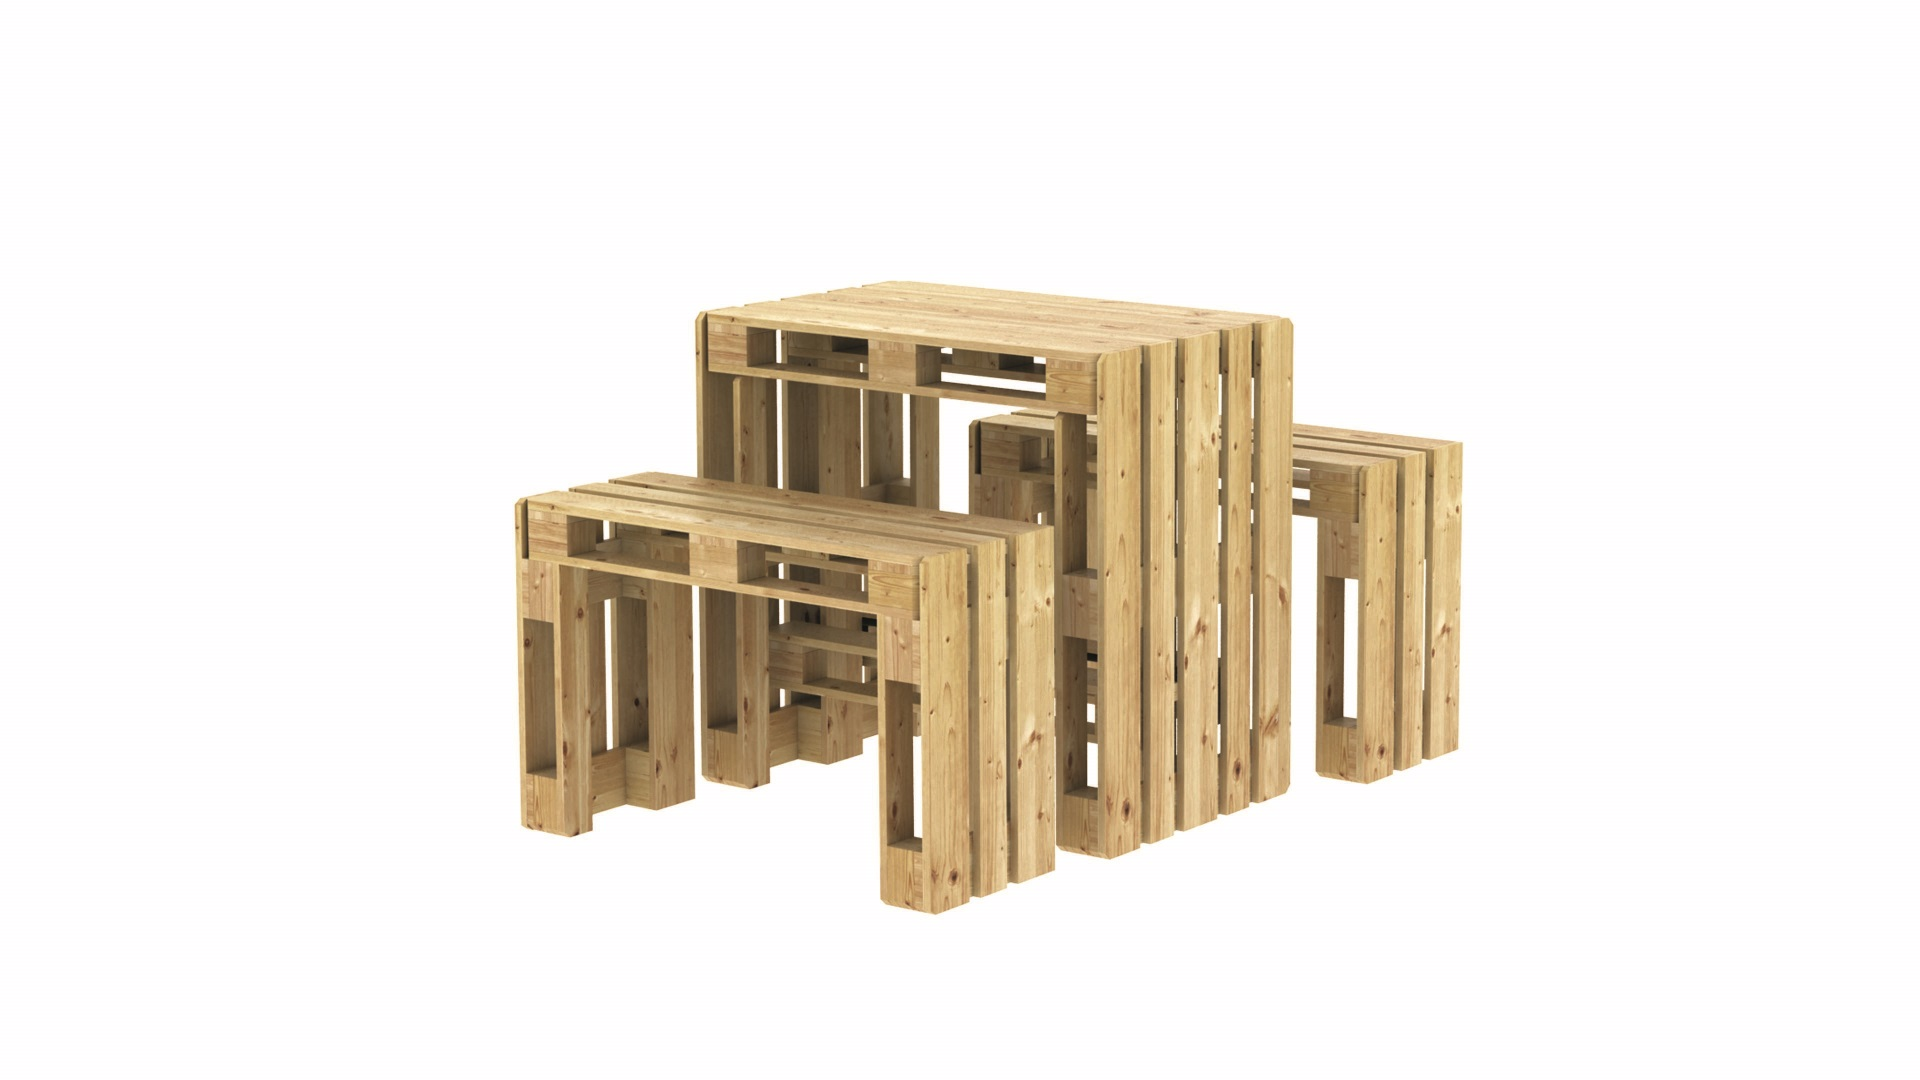 Full Size of Klapptisch Selber Bauen Tisch Aus Paletten Ideen Und Tipps Obi Küche Planen Einbauküche Bodengleiche Dusche Nachträglich Einbauen Boxspring Bett Regale Wohnzimmer Klapptisch Selber Bauen